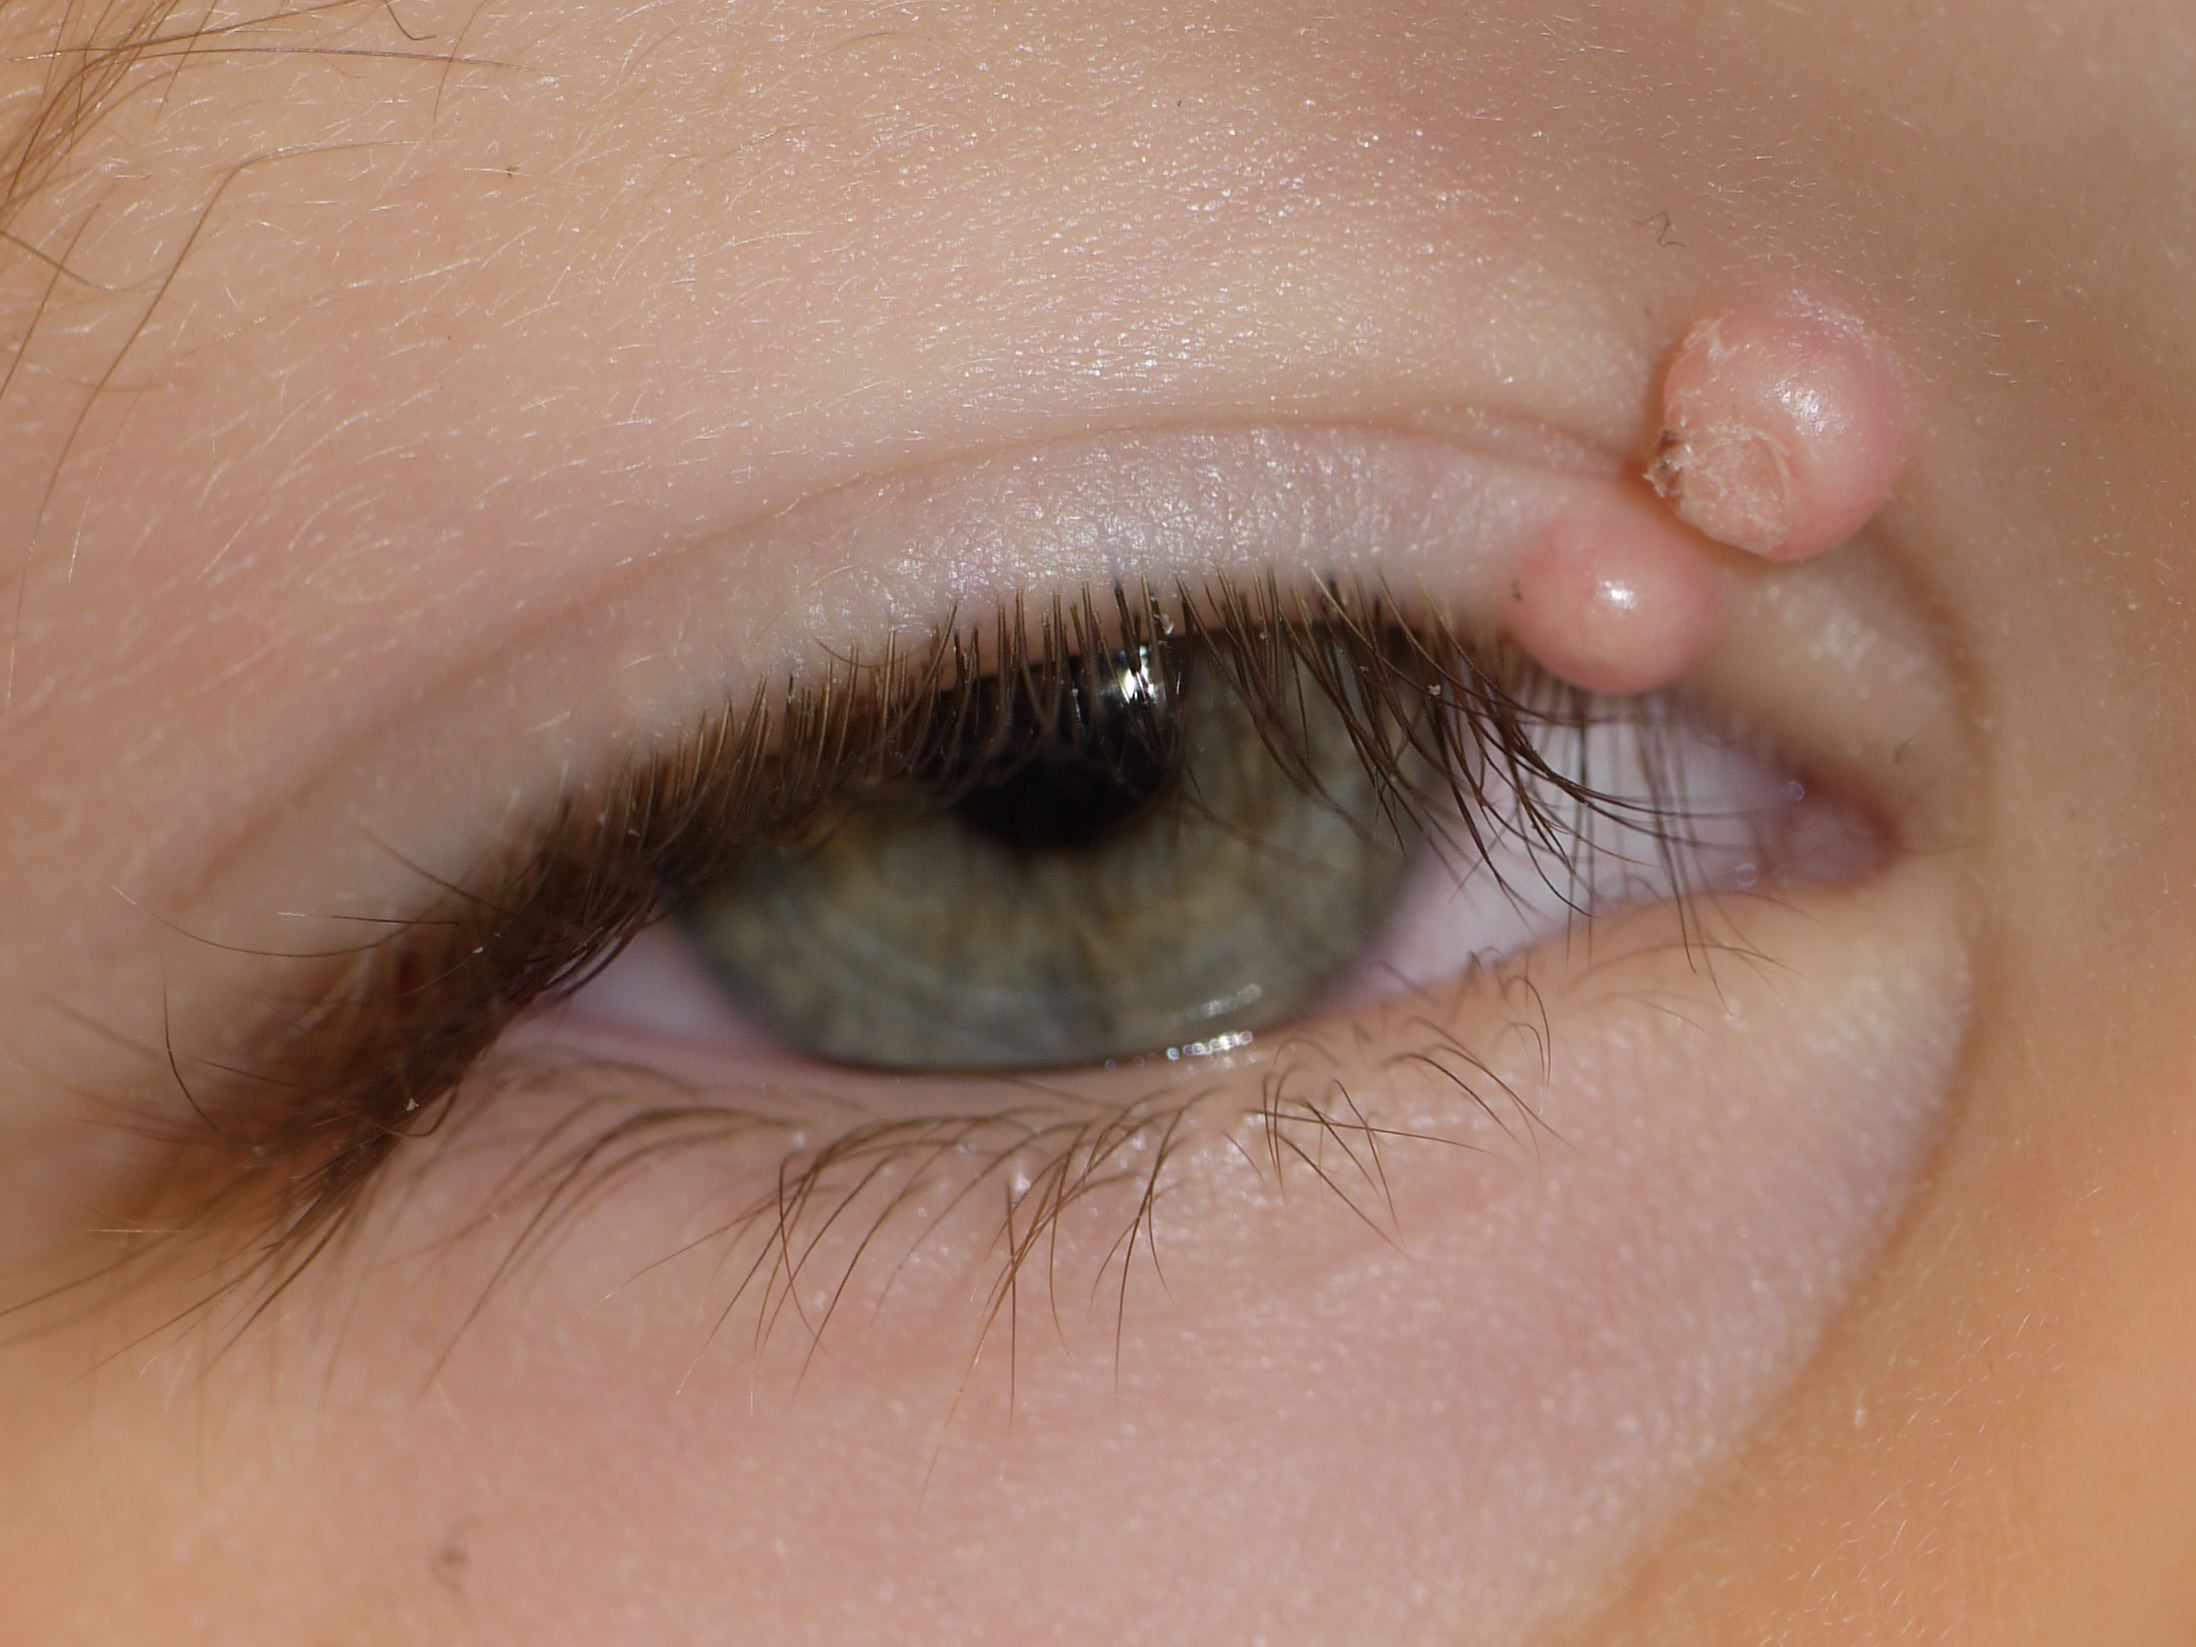 Molluscum contagiosum on eyelid